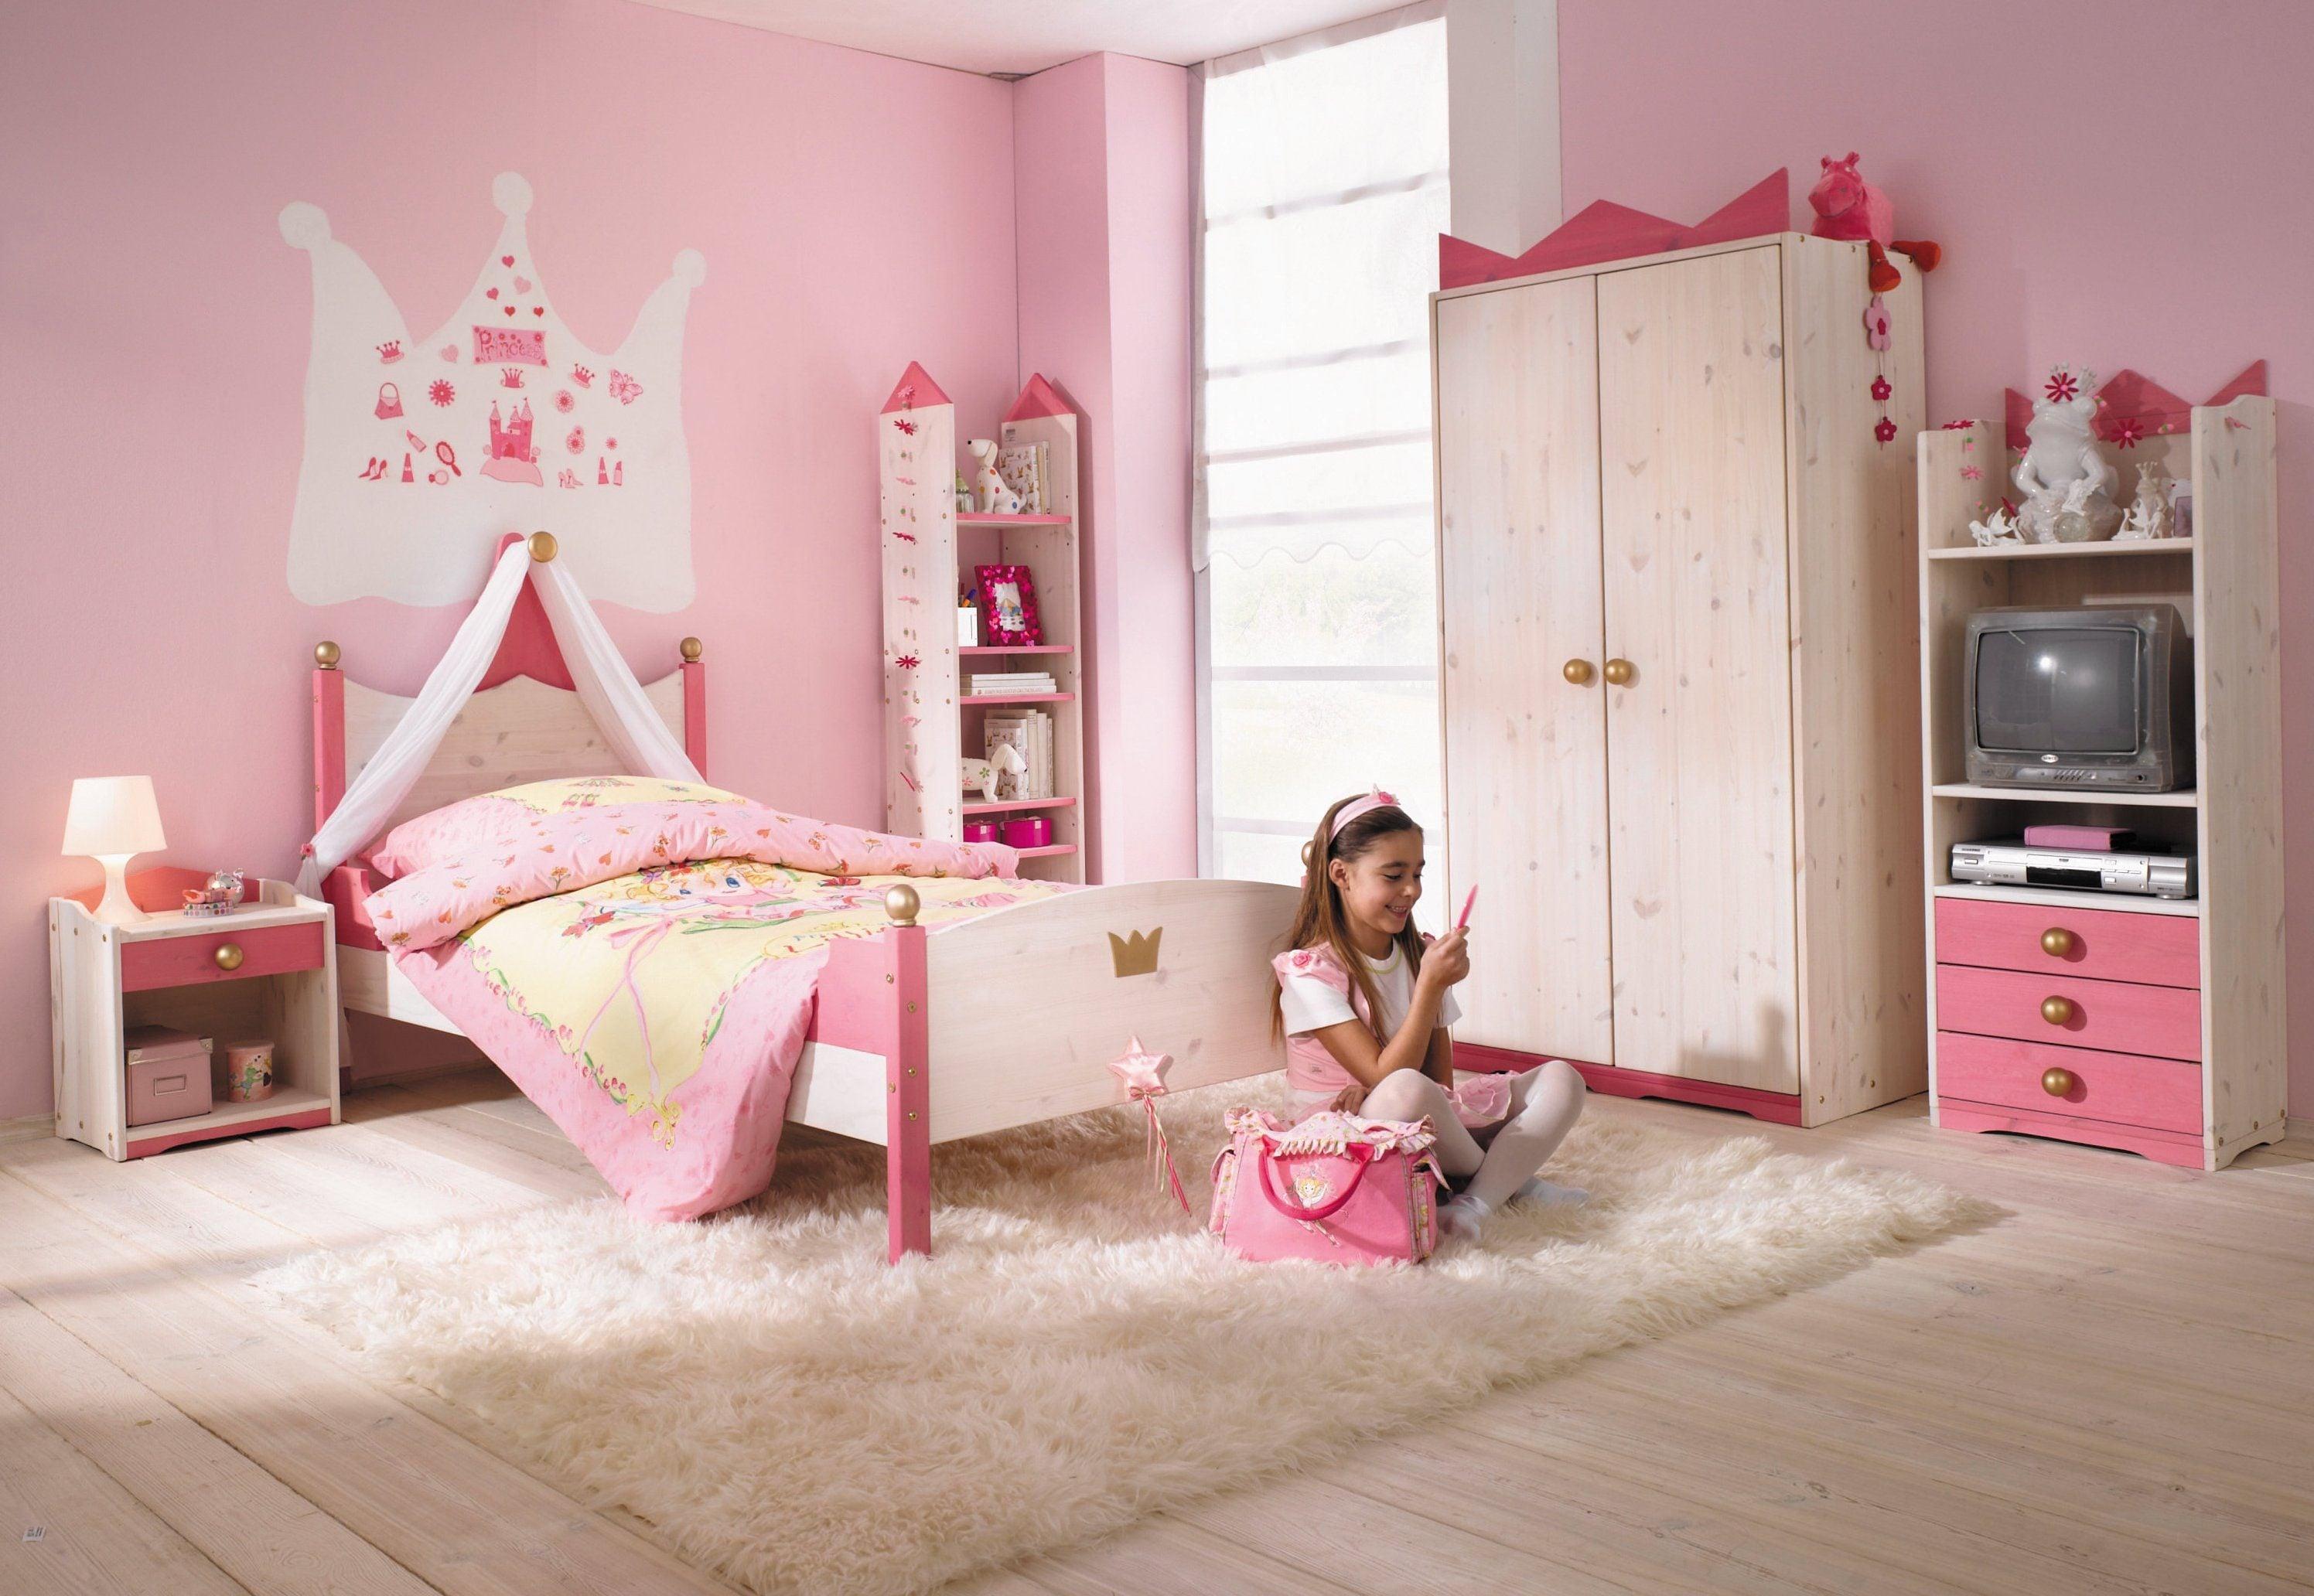 Kinderzimmer Online Gunstig Kaufen Uber Shop24 At Shop24